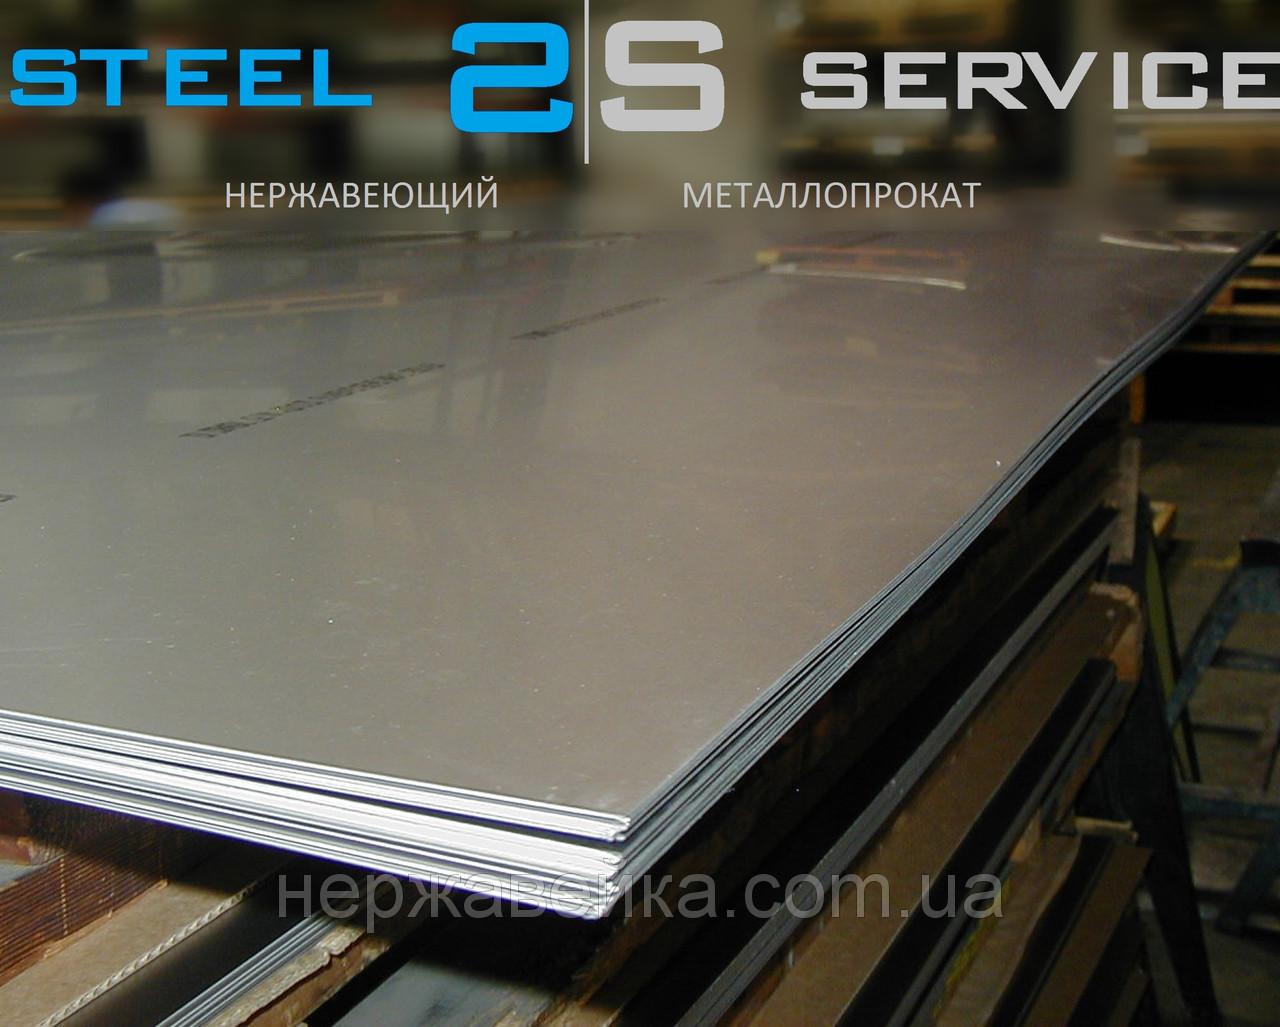 Нержавейка лист 20х1500х6000мм  AISI 321(08Х18Н10Т) F1 - горячекатанный,  пищевой